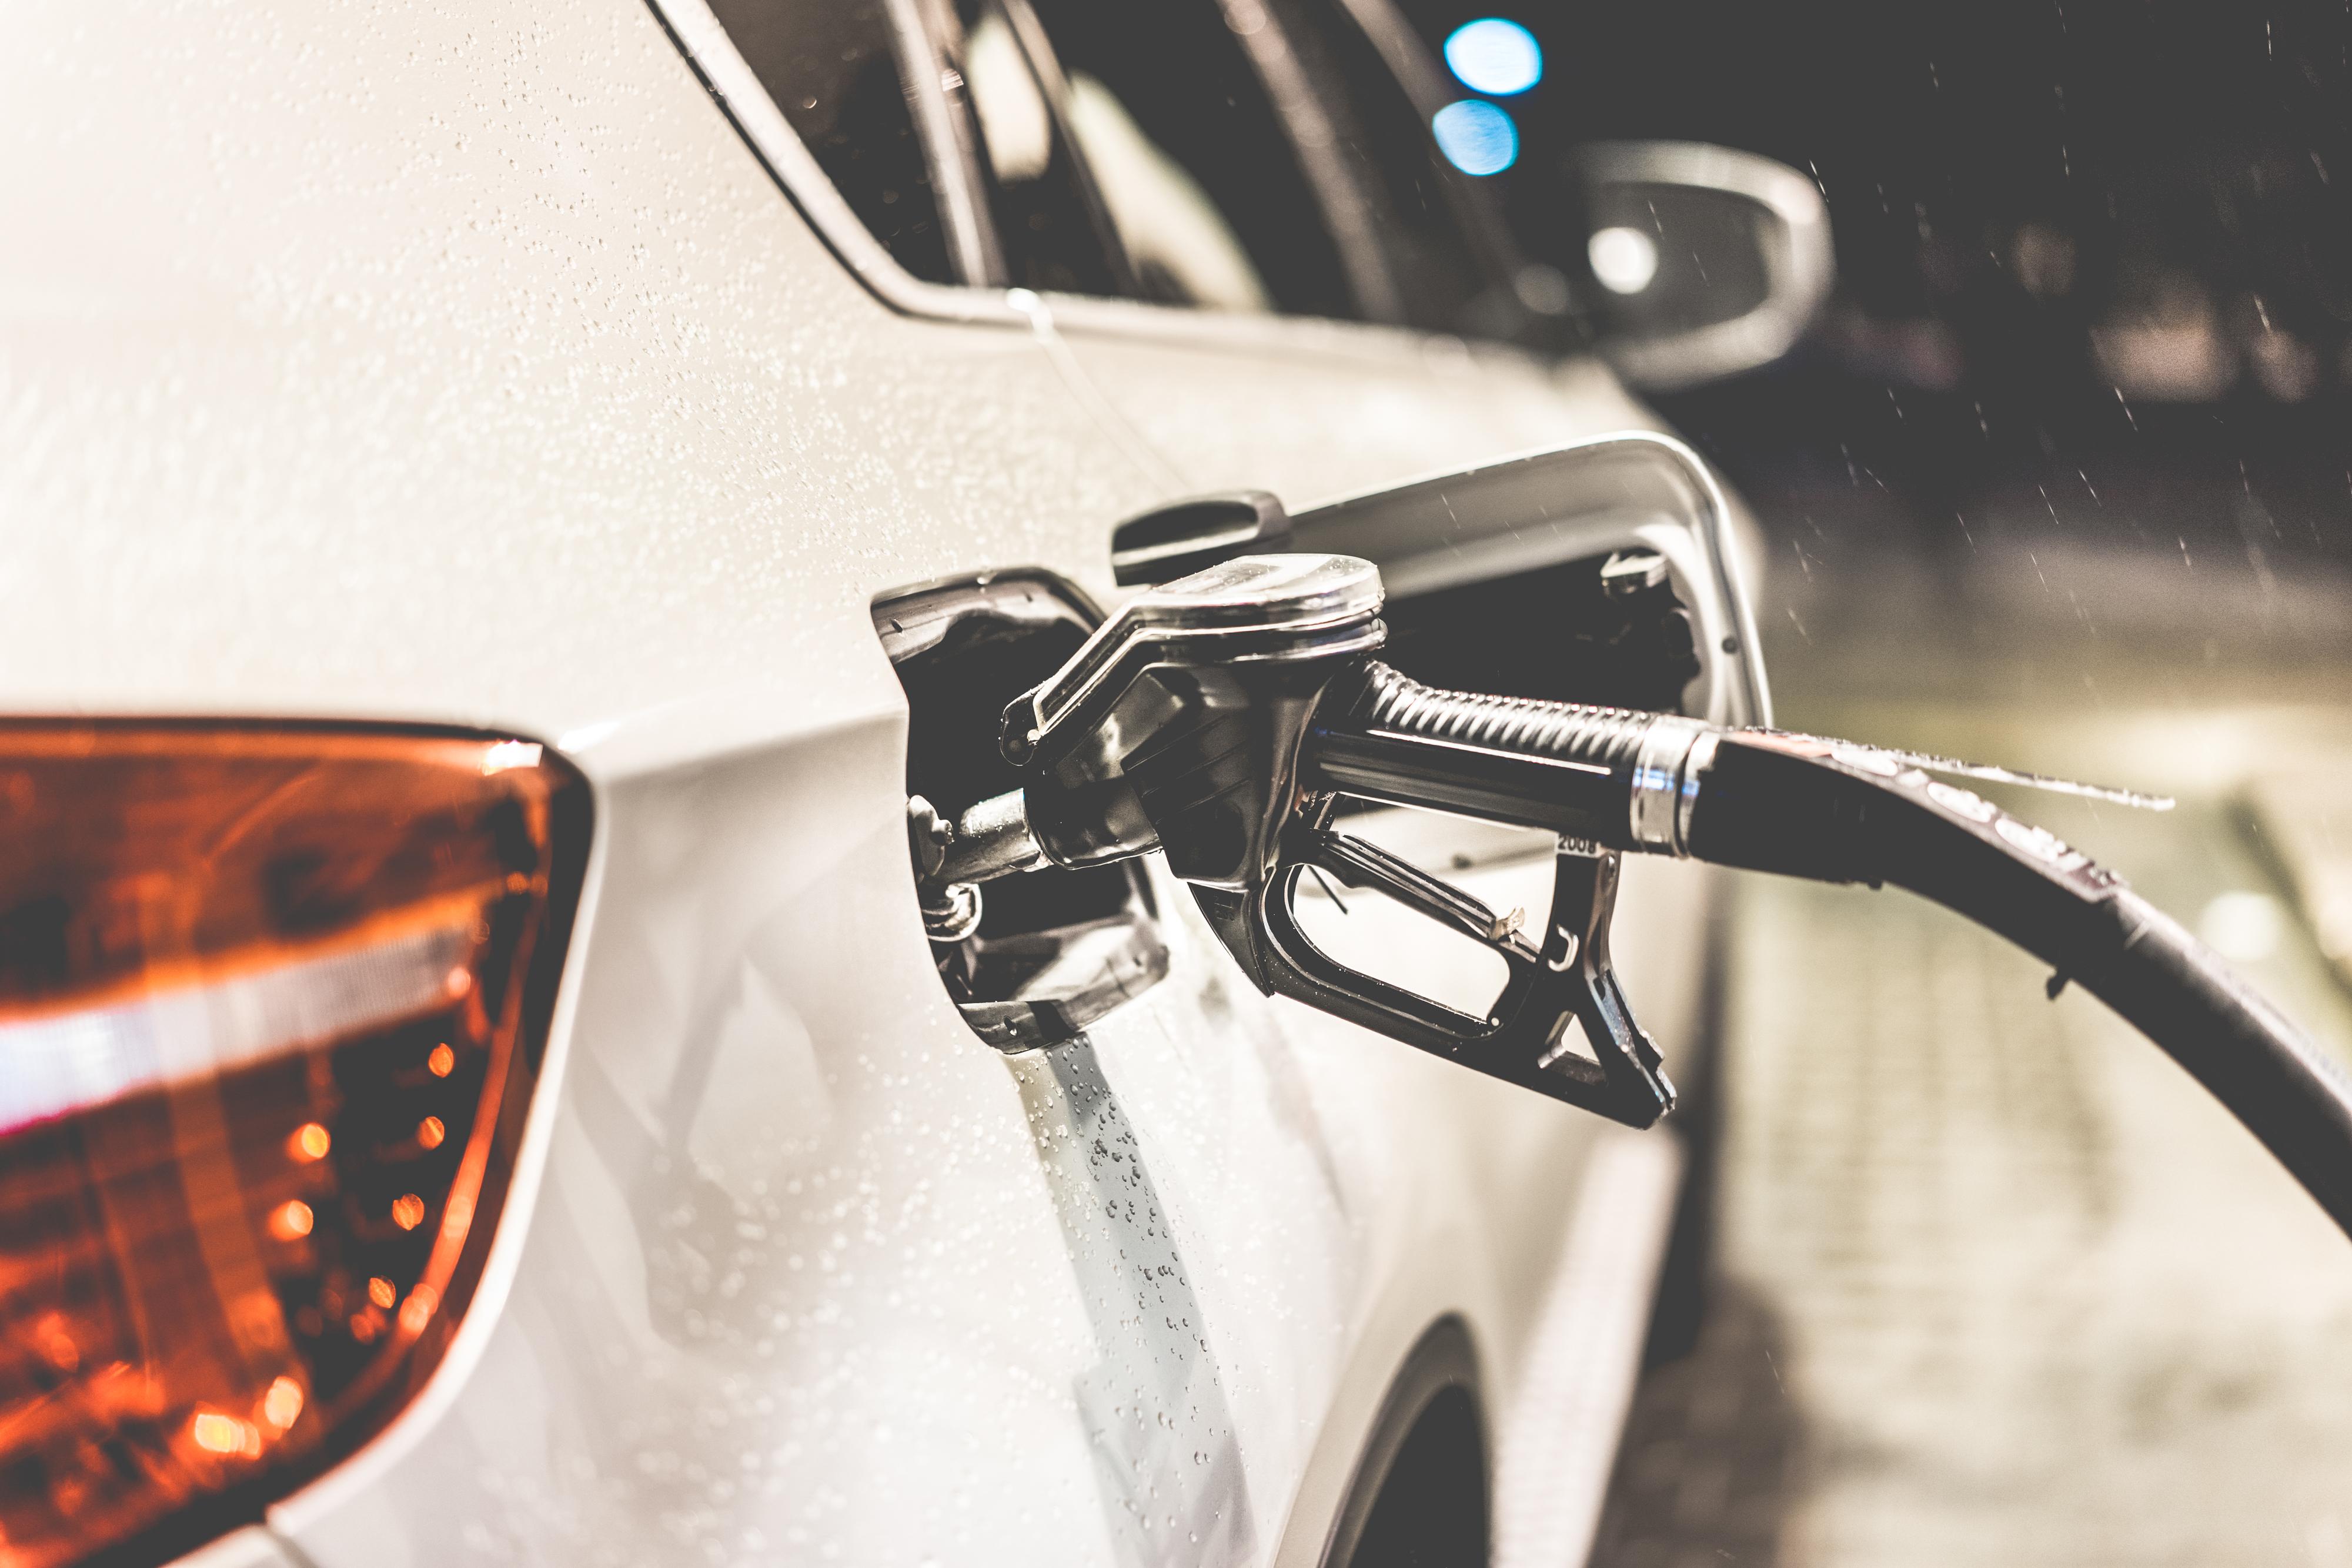 llenando gasolina